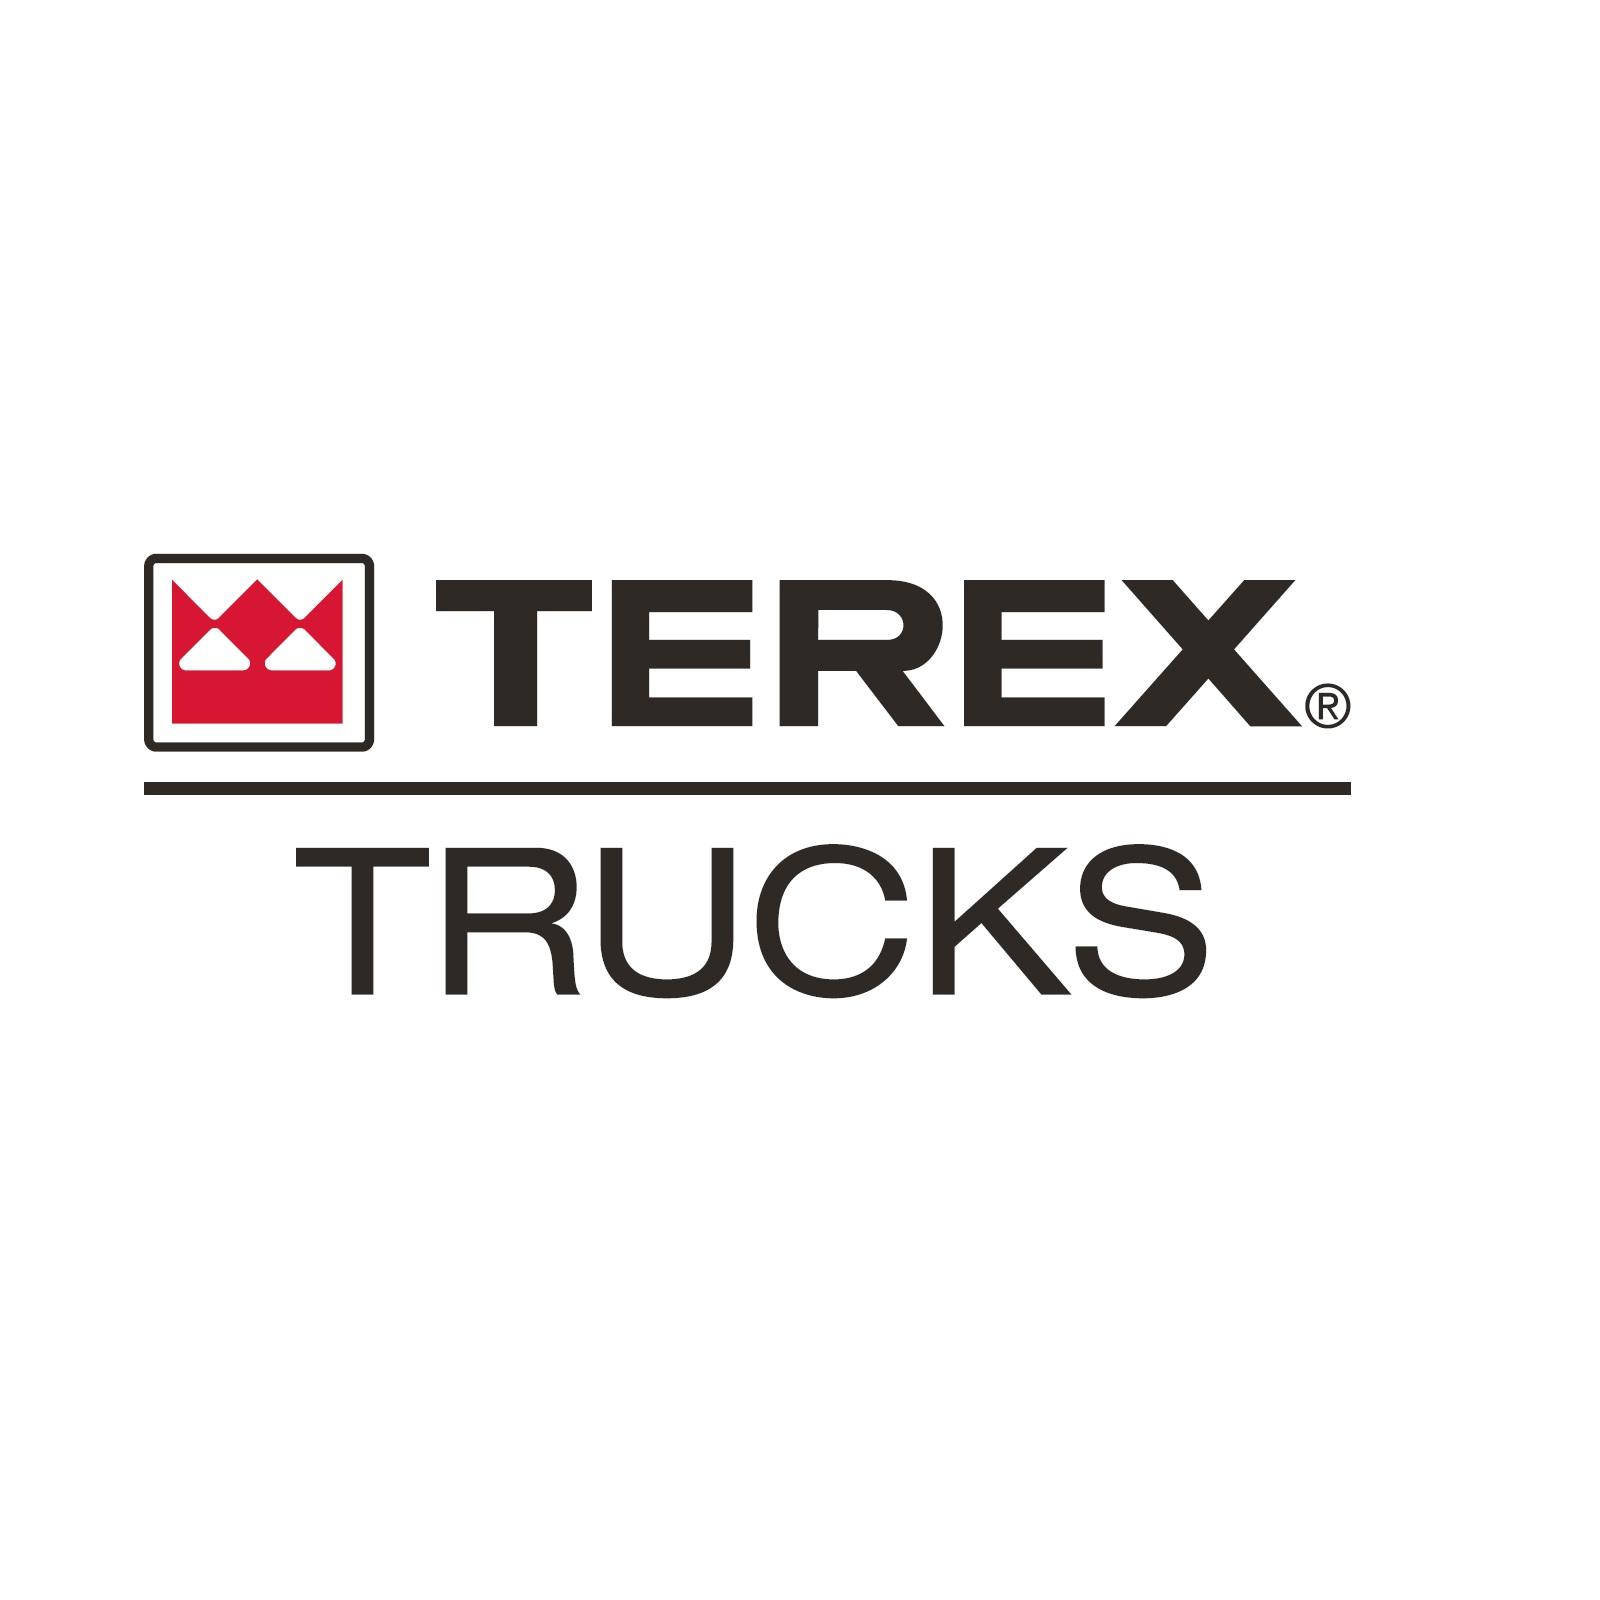 http://million-base.com/wp-content/uploads/2019/09/terex_trucks.jpg